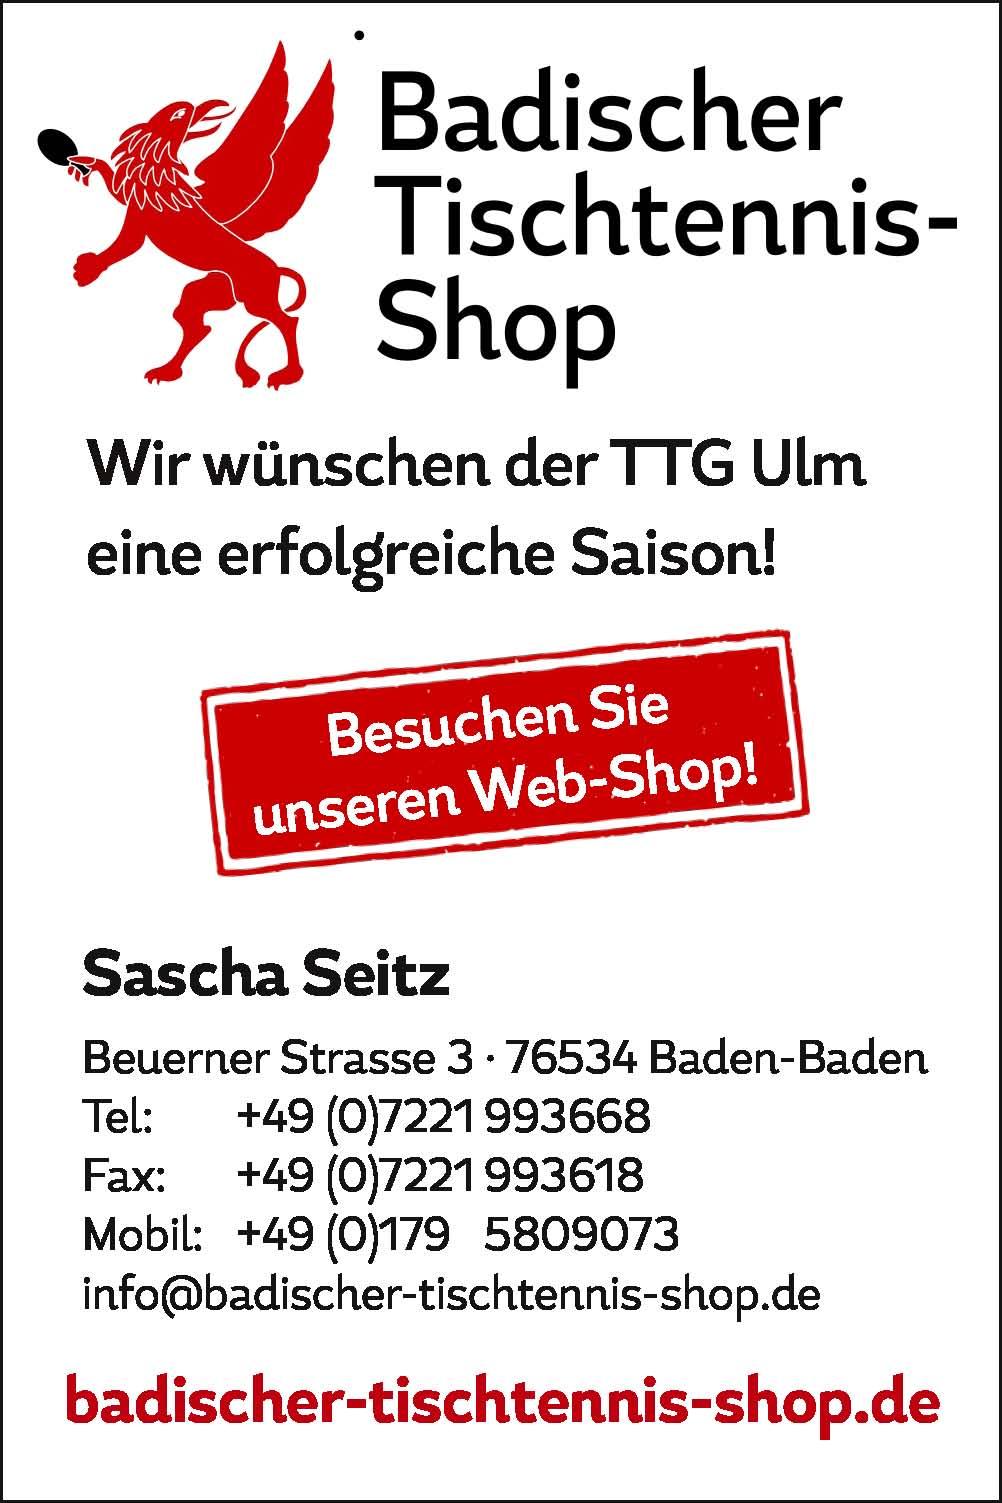 Badischer Tischtennis-Shop